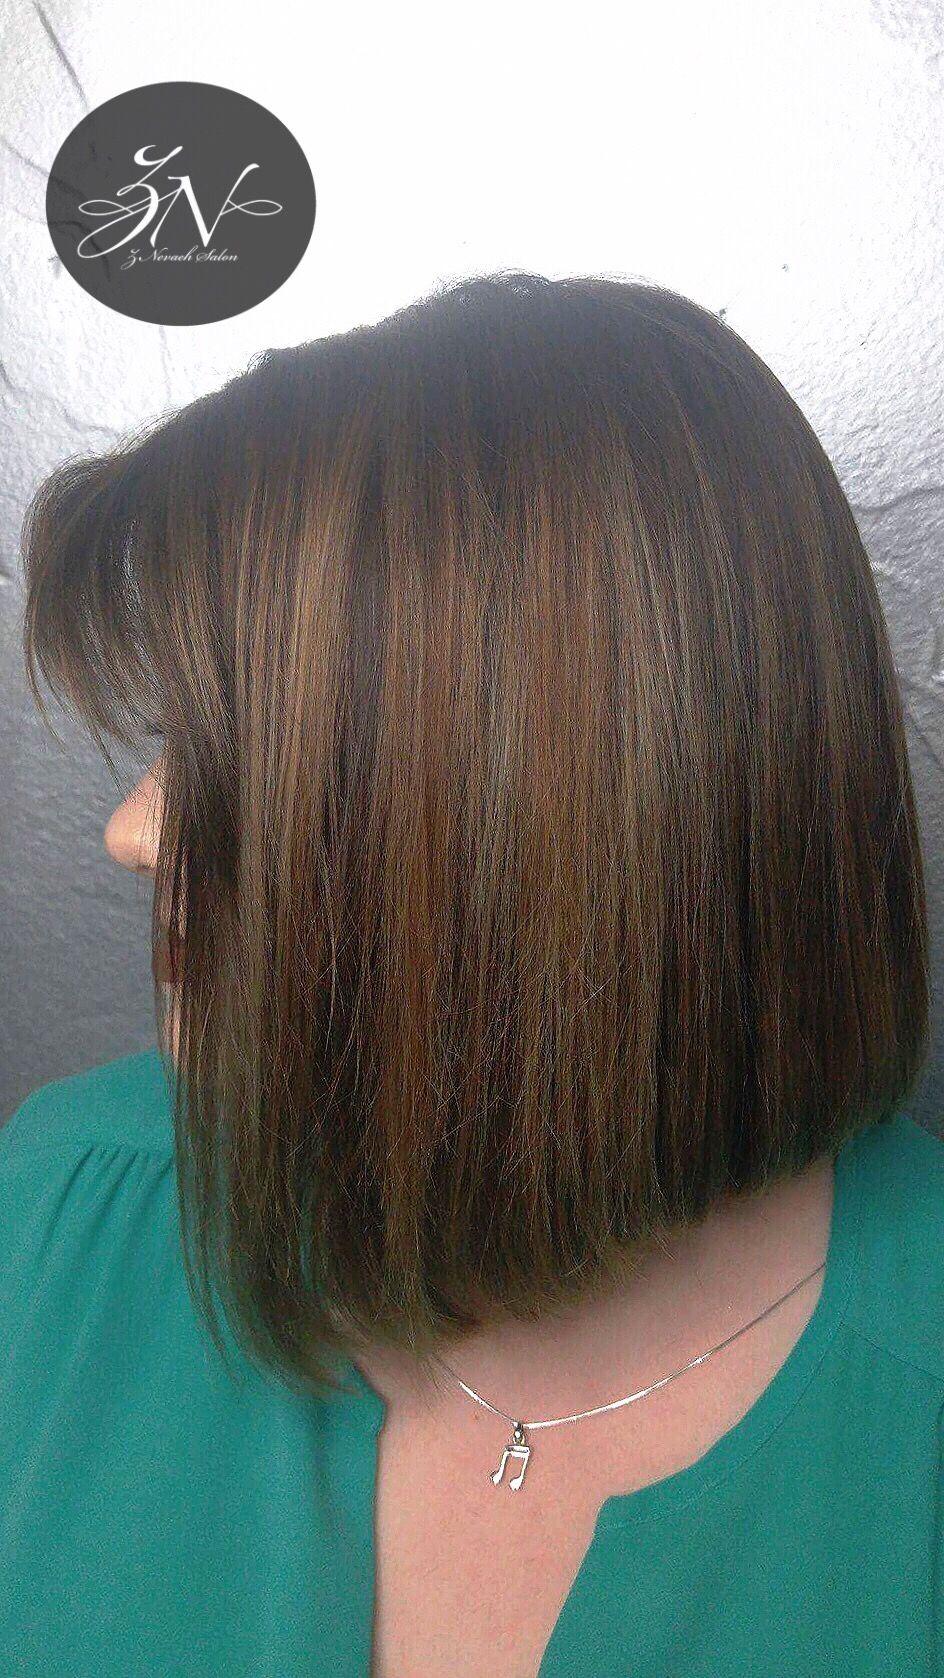 Hairstyle Znevaehsalon Salon Knoxvilletn Znevaehsalon Short